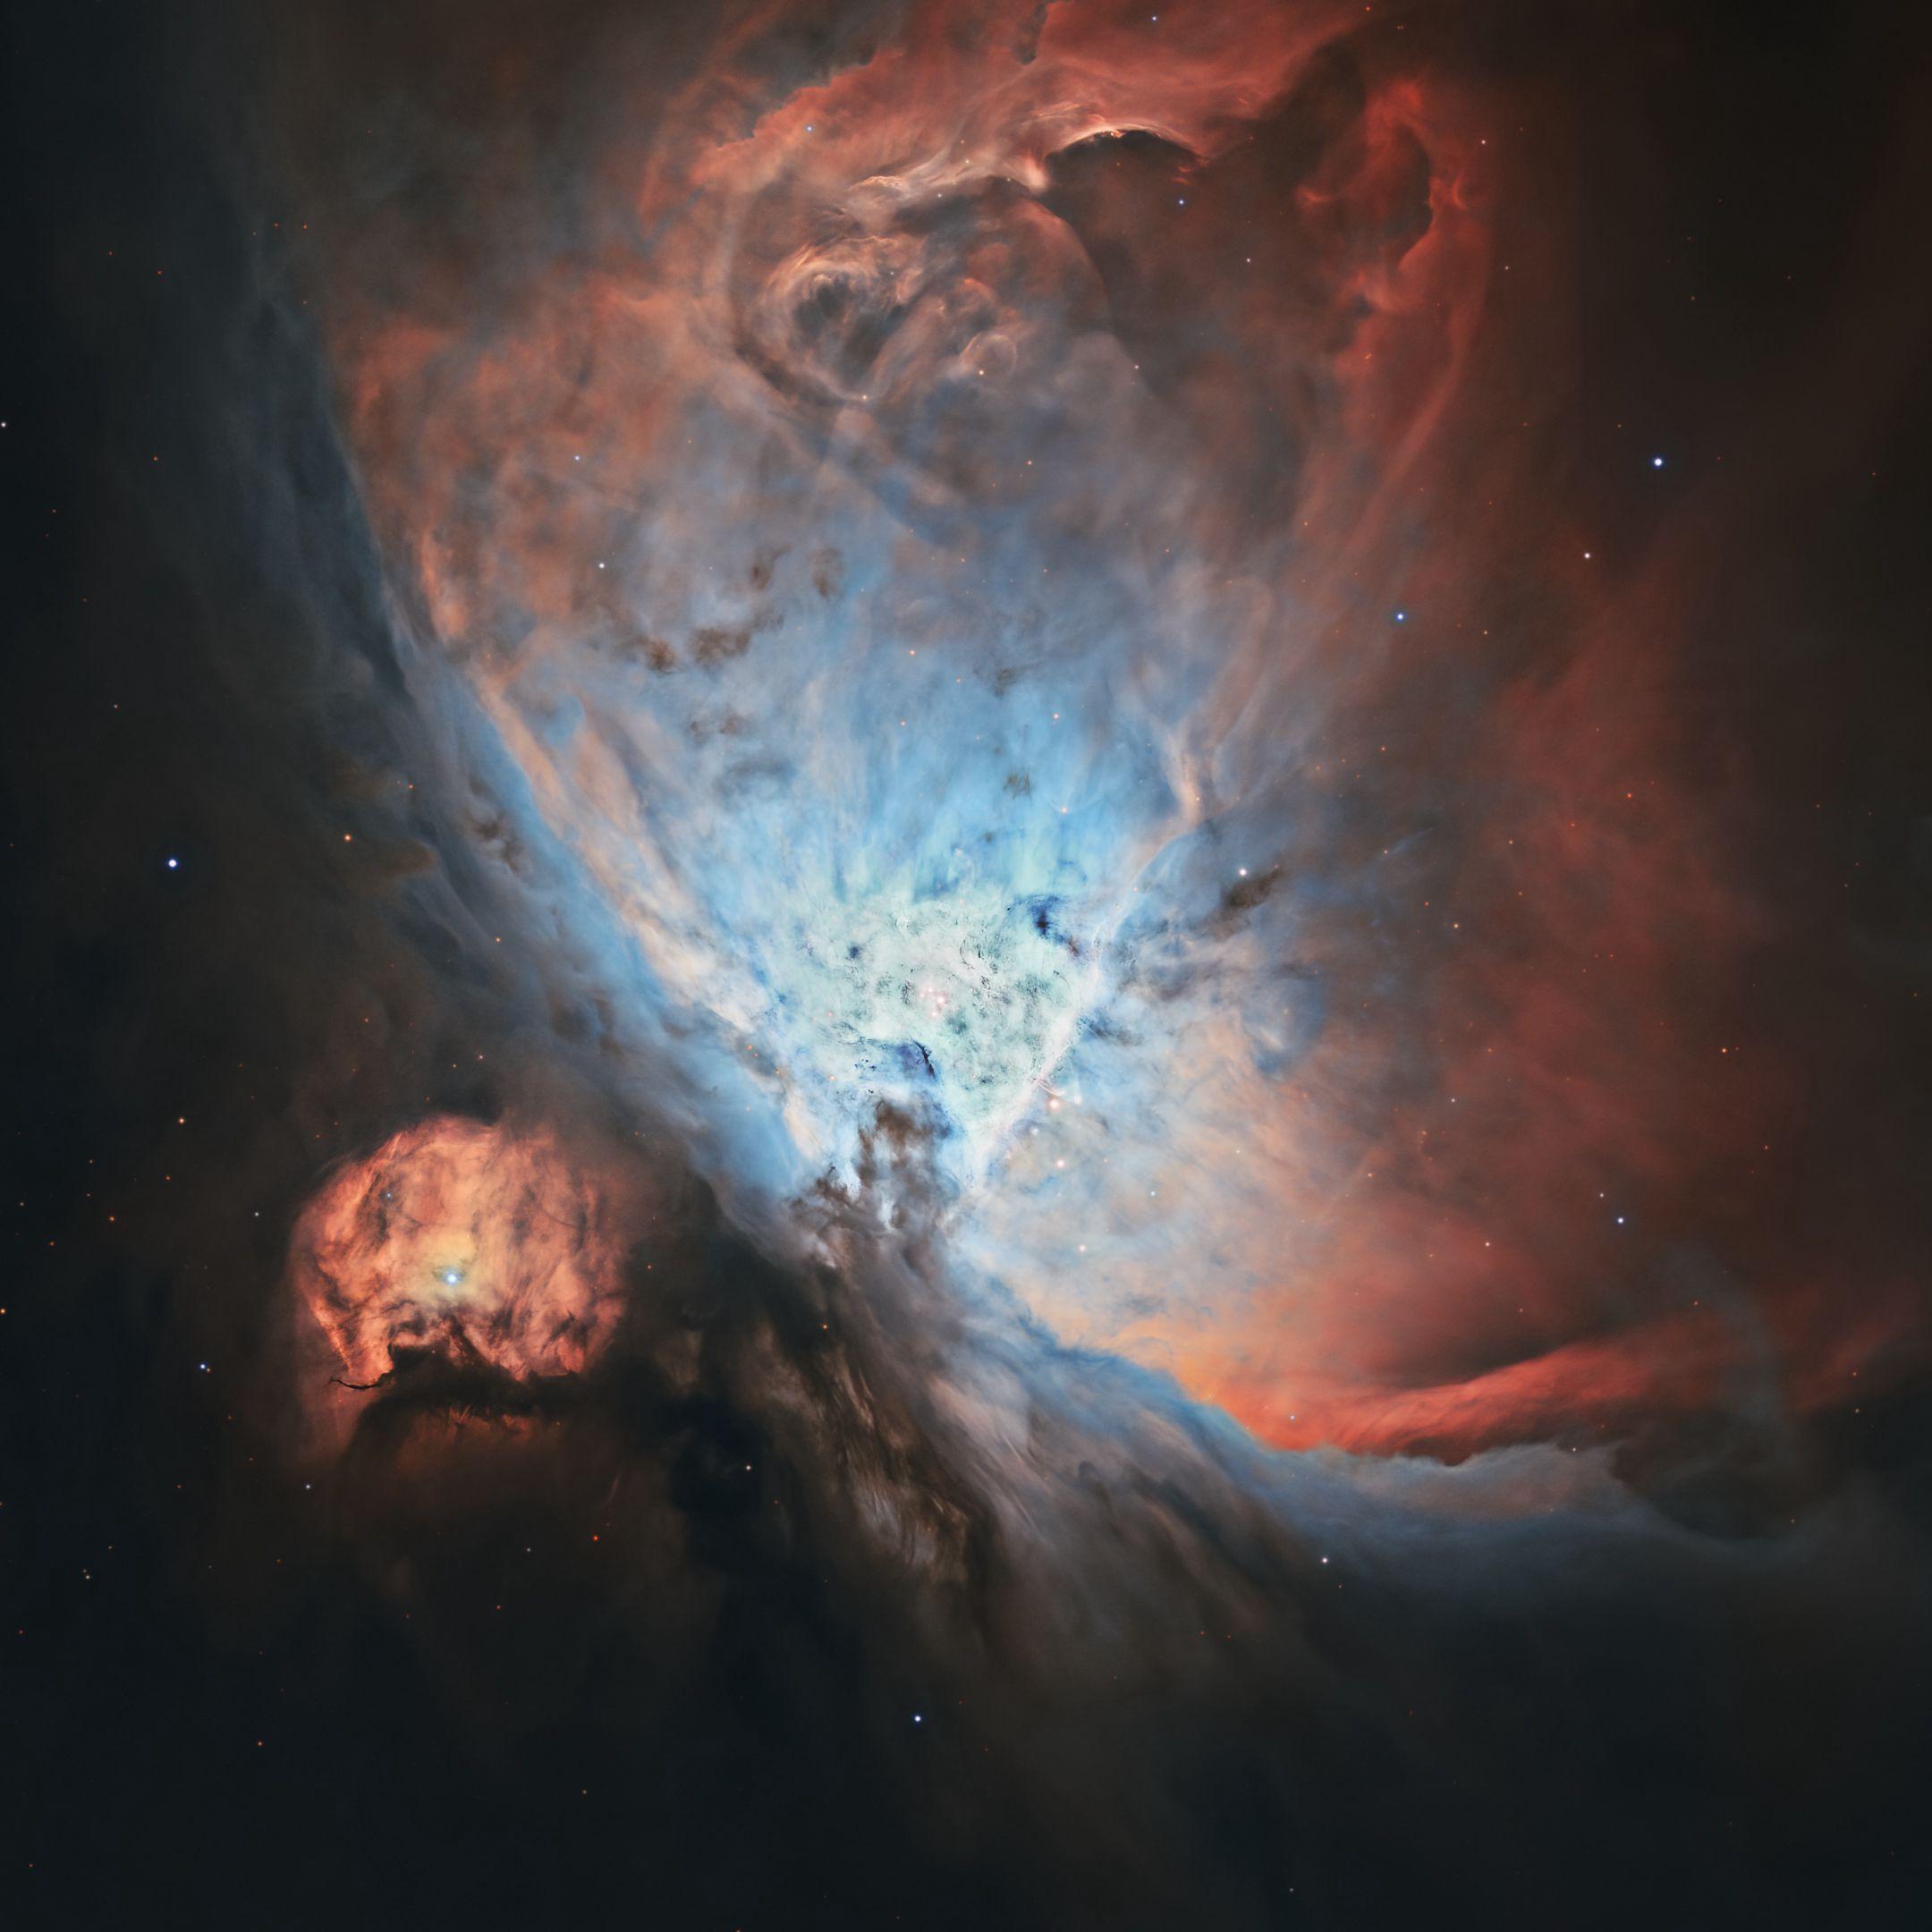 免費下載 66218: 宇宙, 星级, 星云, 辉光, 发光, 猎户座星云 桌面壁紙